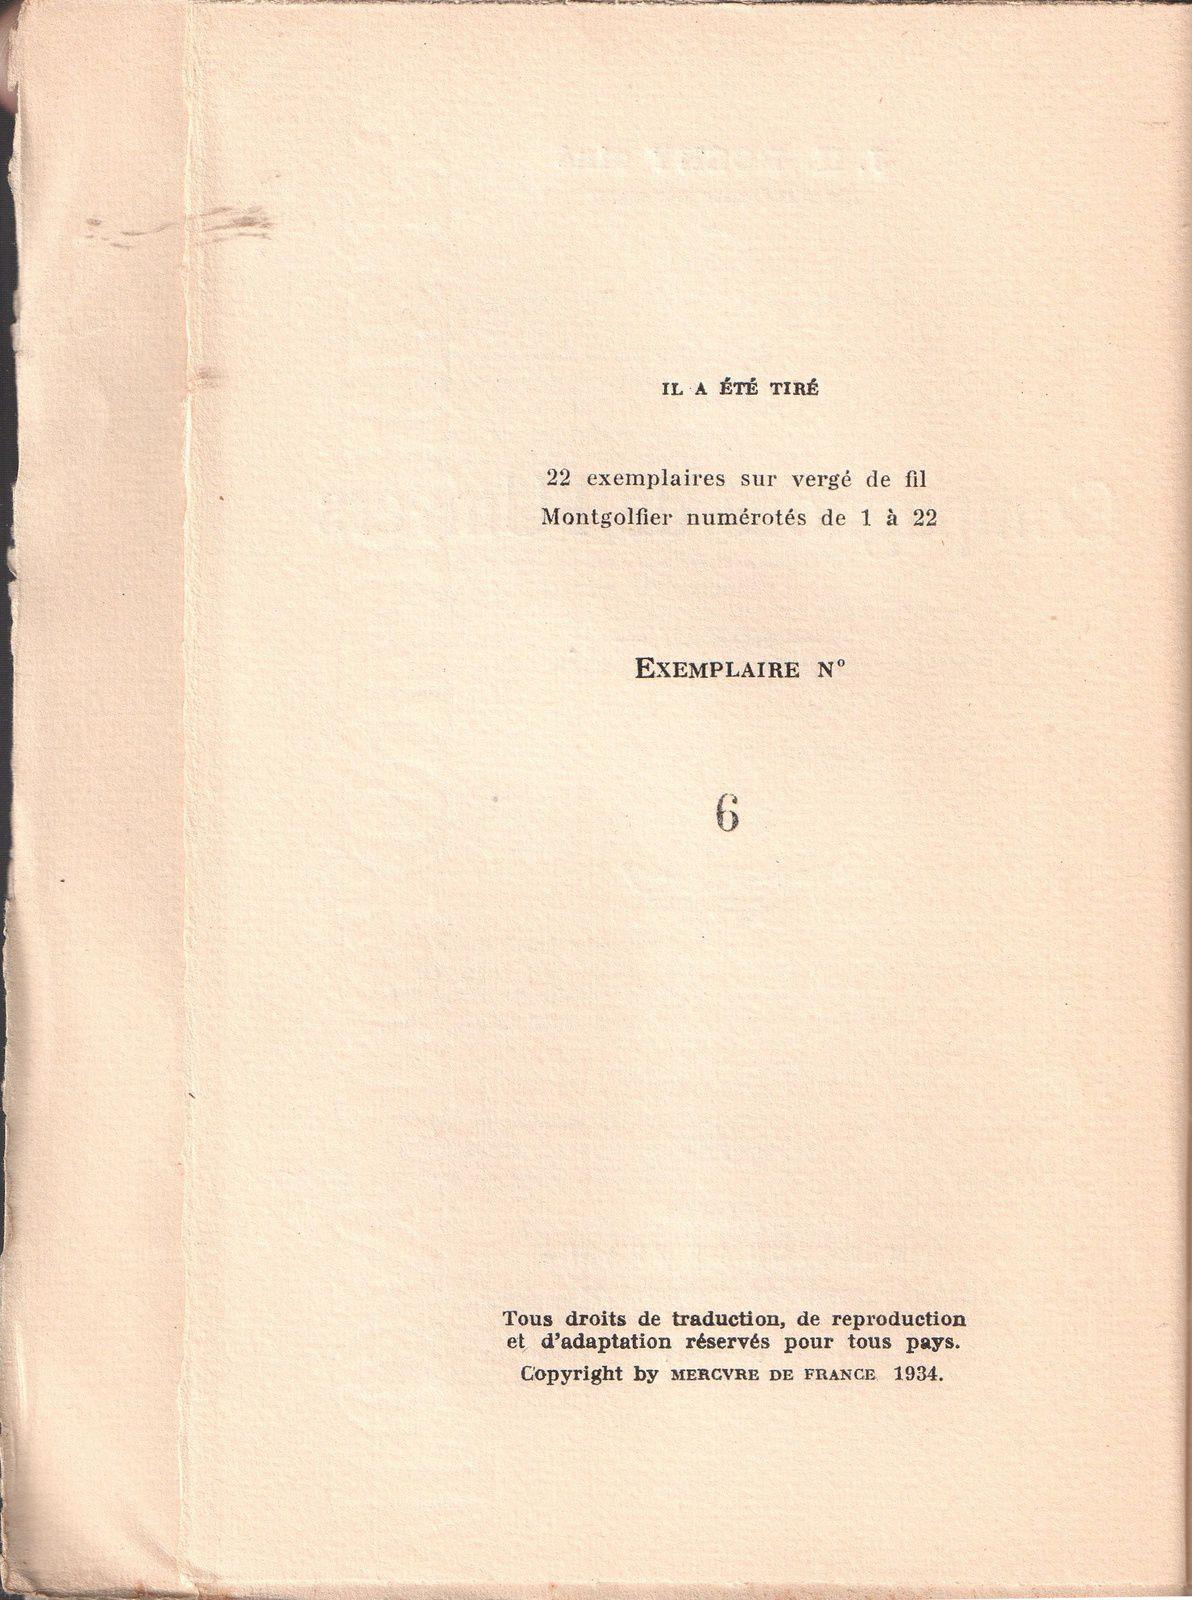 """J.-H. Rosny aîné """"Les Compagnons de L'univers"""" (Mercure de France - 1934) [Vergé de fil Montgolfier]"""